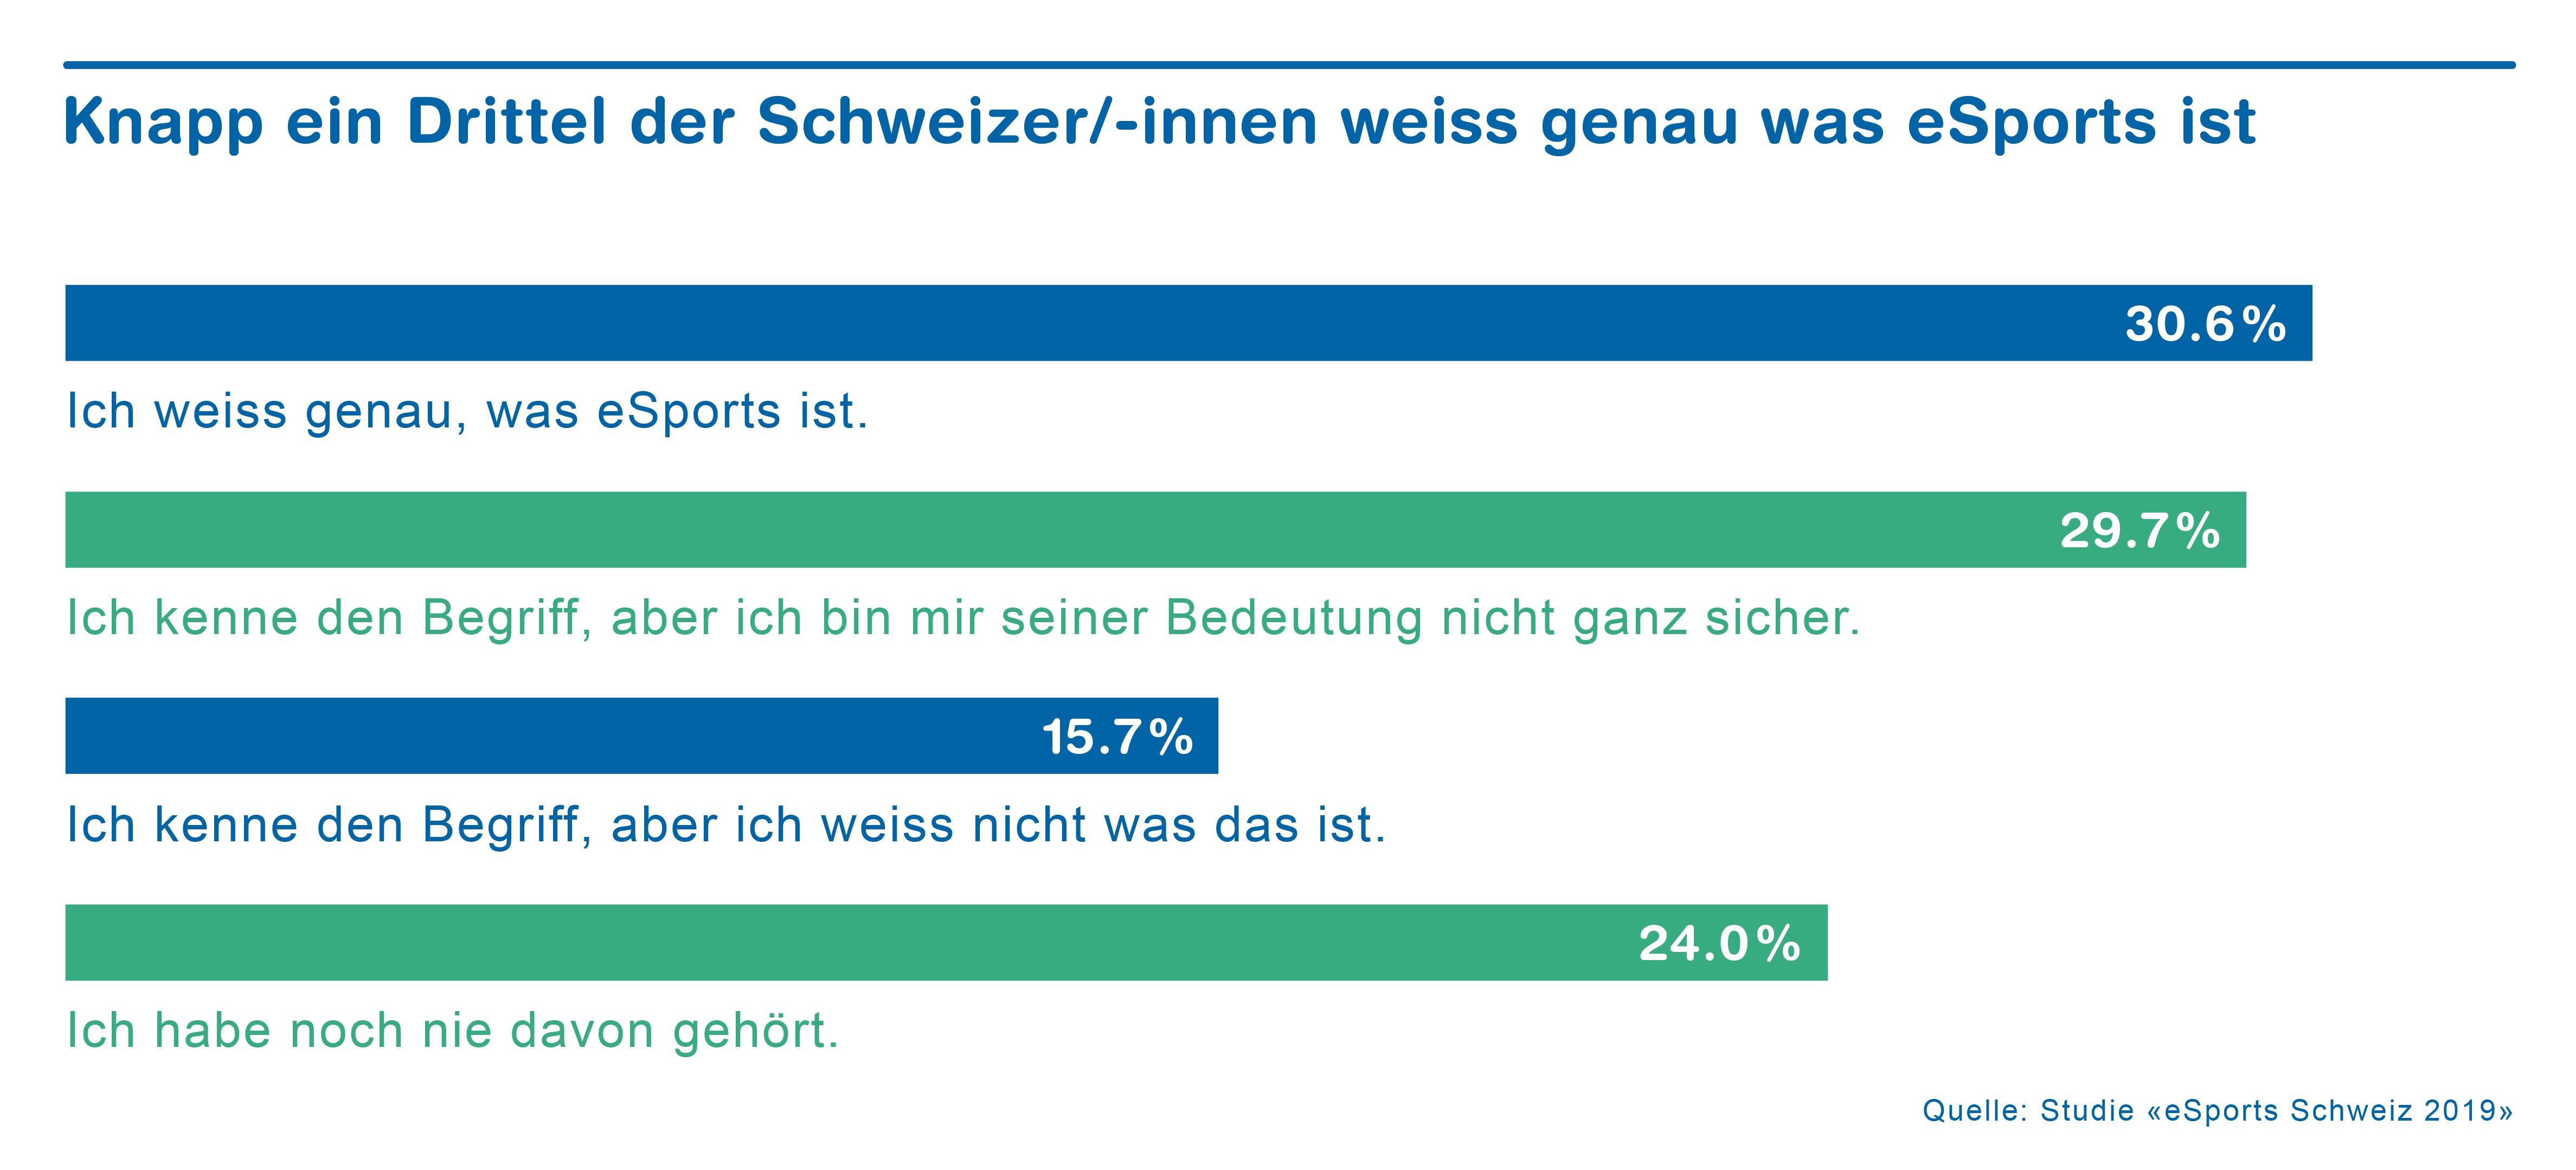 ZHAW_eSports_Begriff(1)